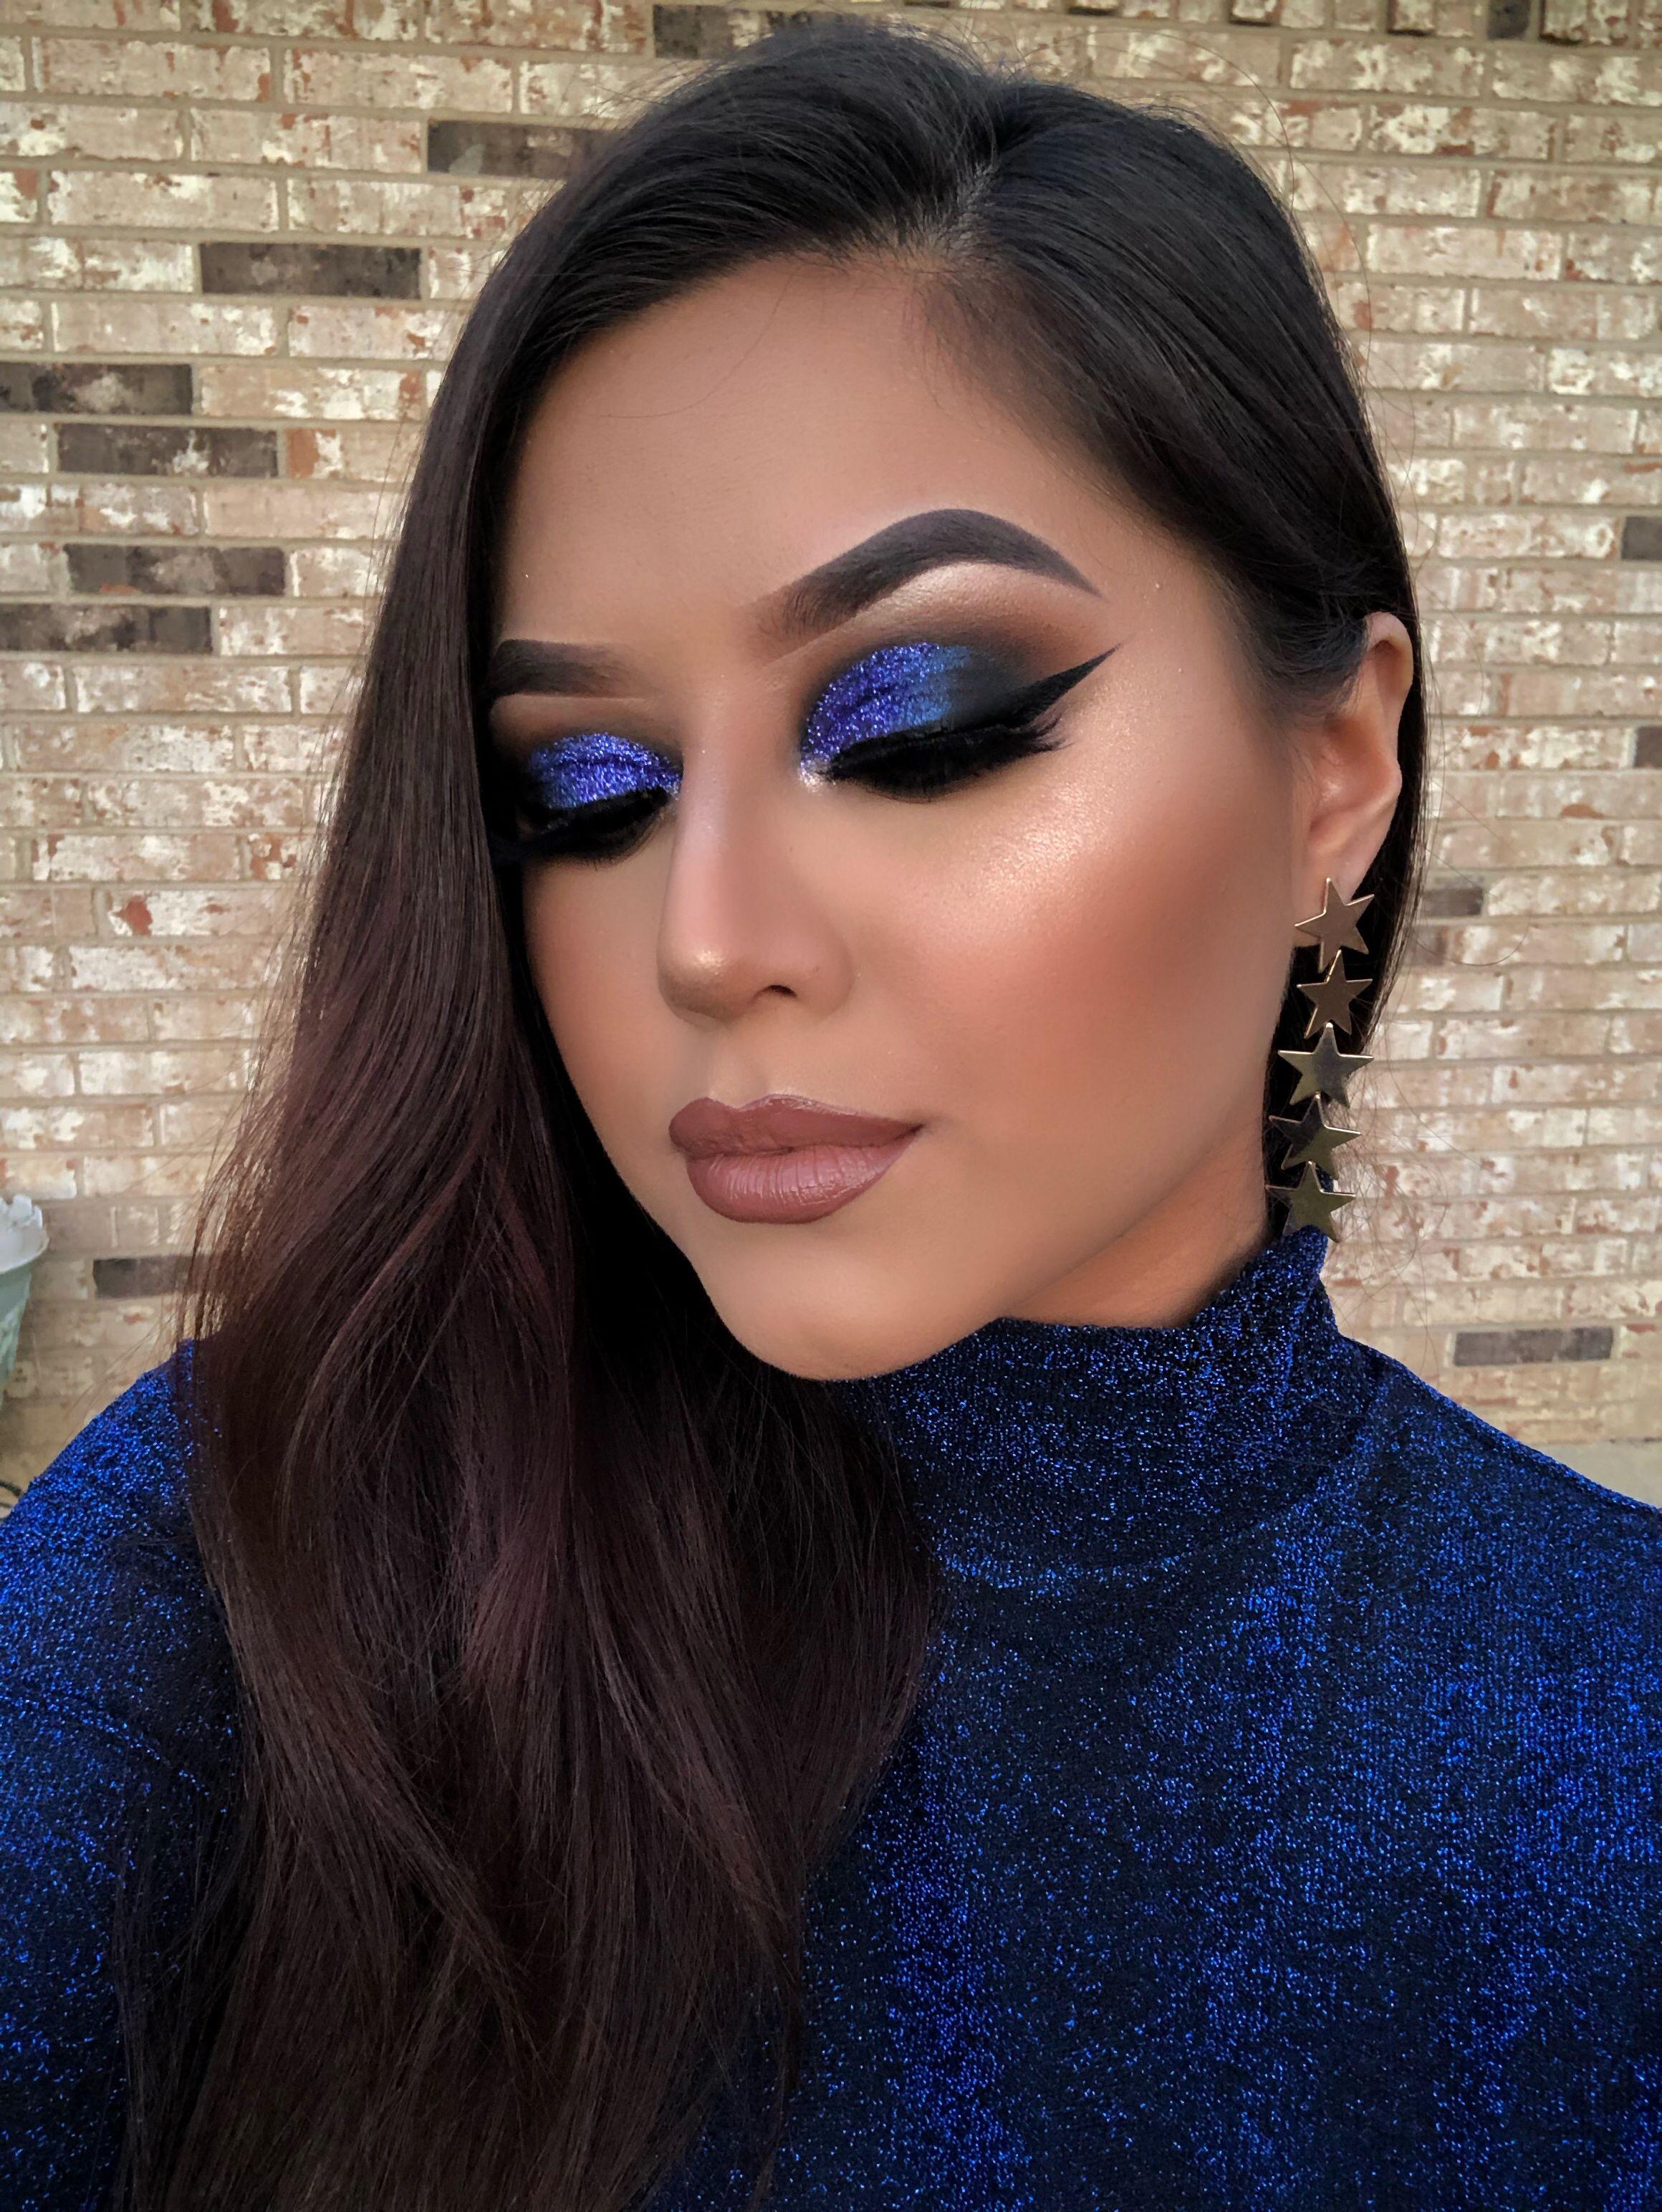 Instagram Makeupstylist_pita Snapchat Leopardpitaa Your